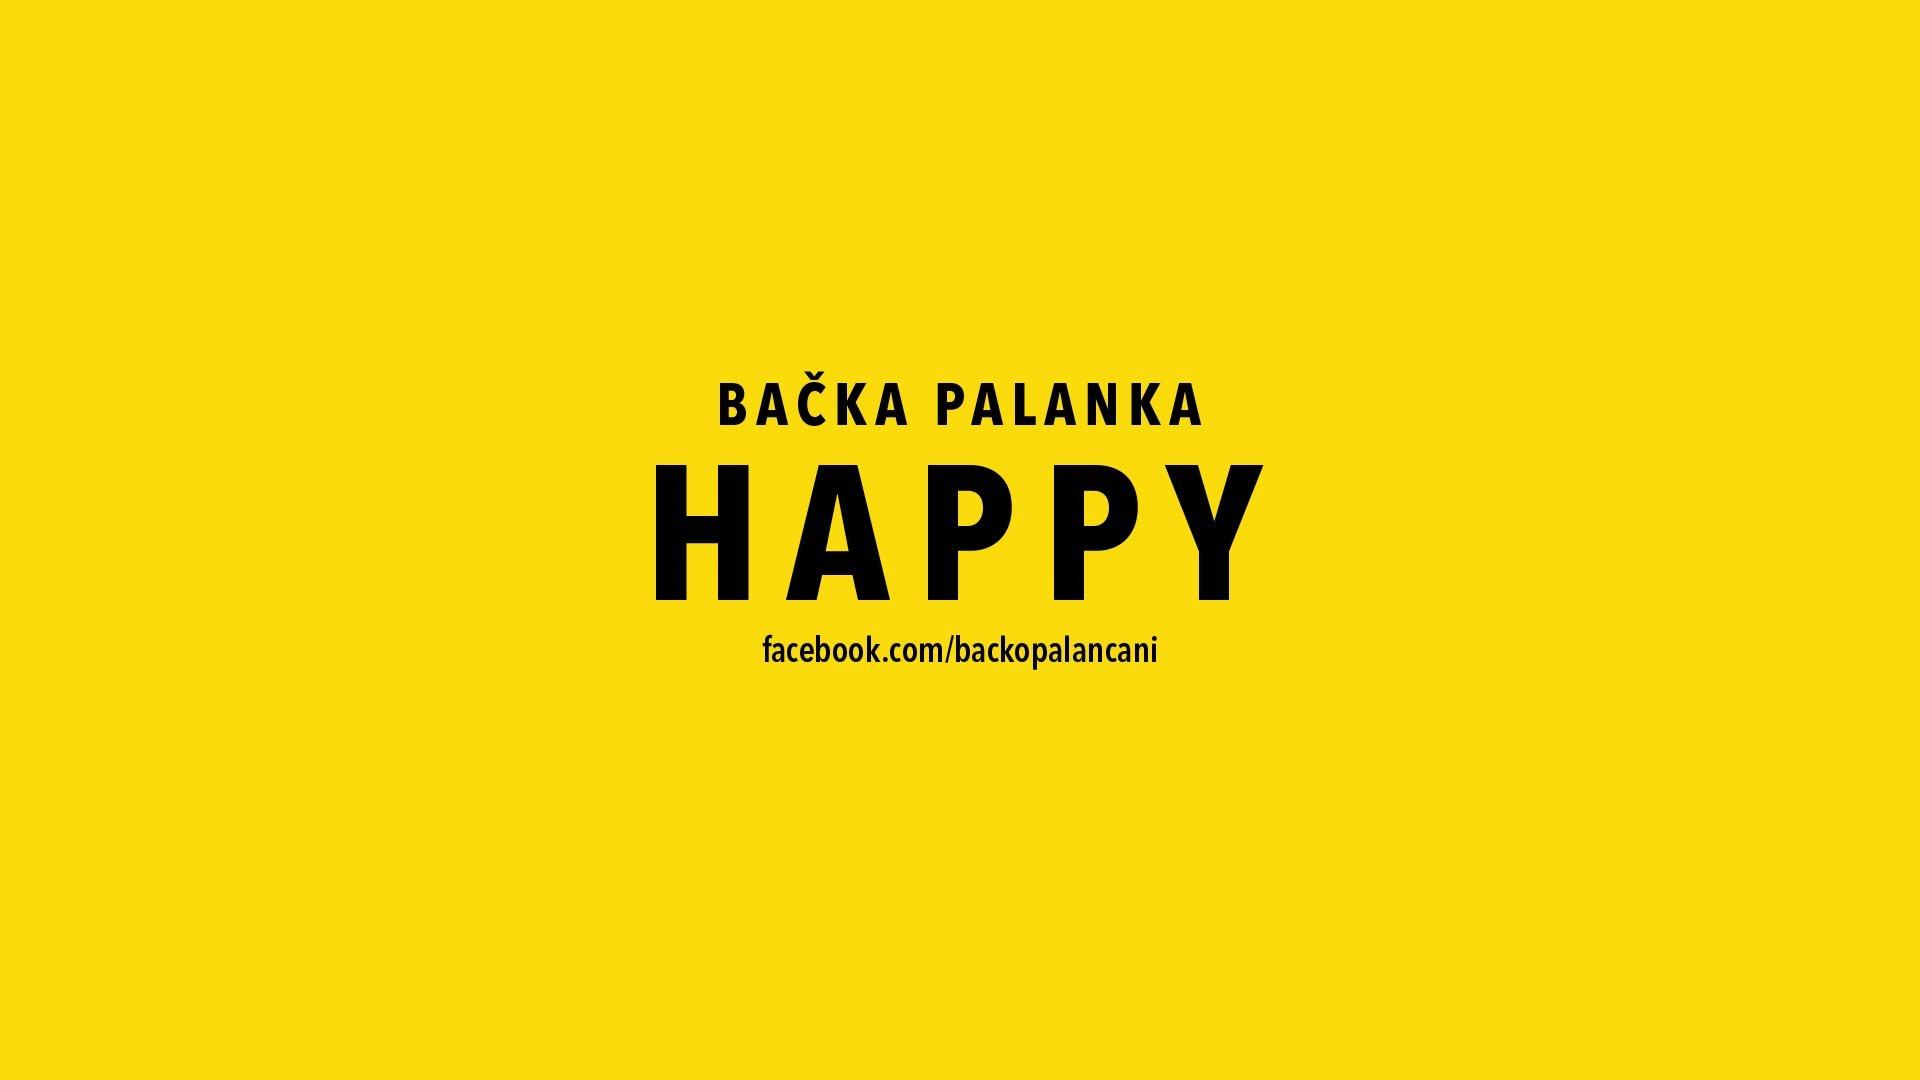 Happy [ WE ARE FROM BACKA PALANKA ]